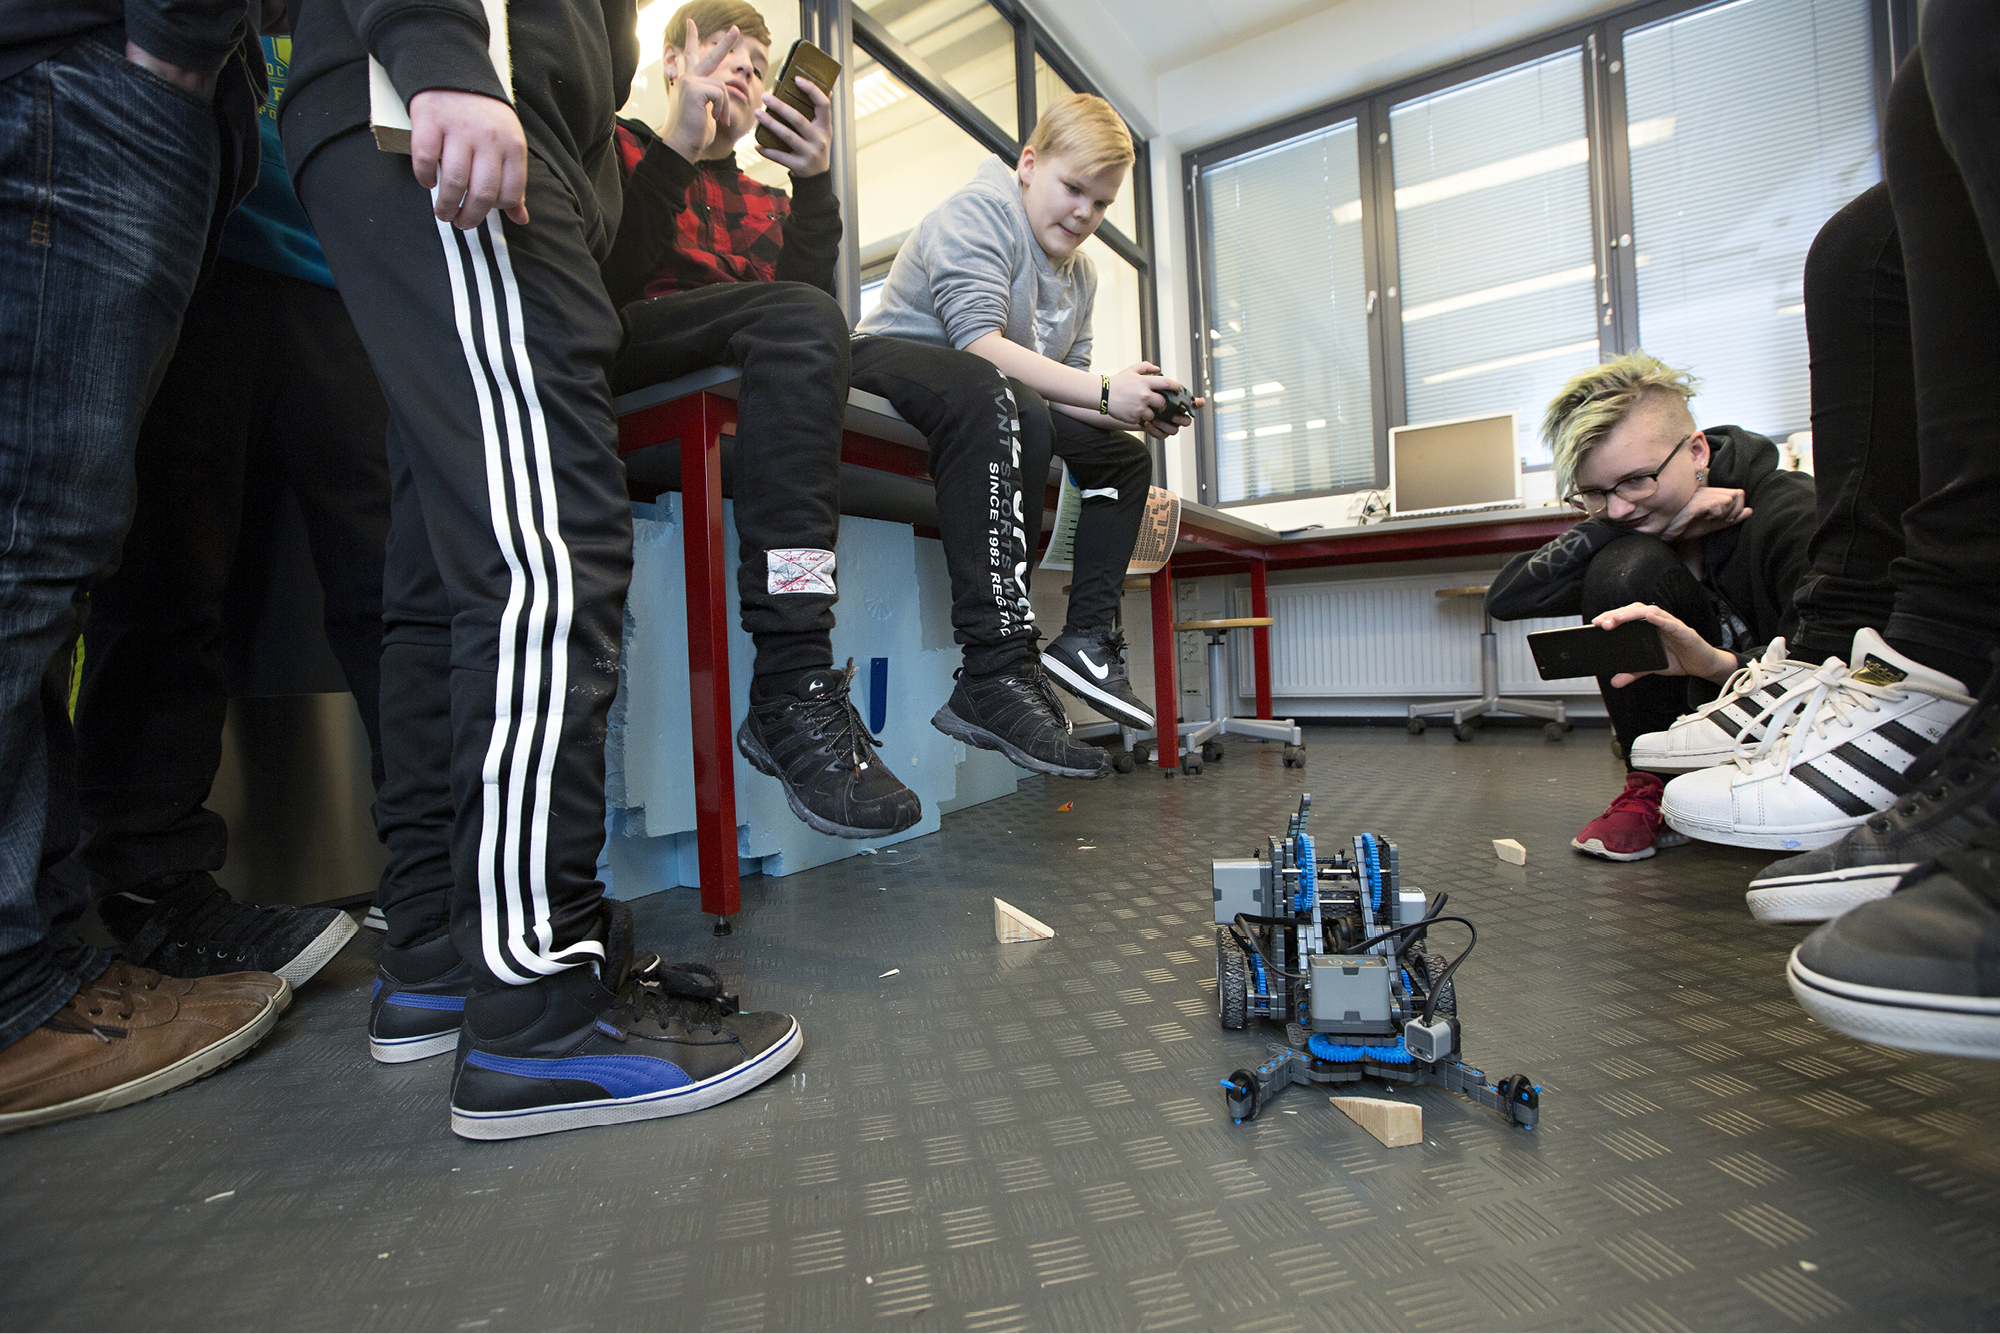 Teknisen työn kolmoistunnin loppukevennys. 7A:n Rasmus (vas.), Teemu ja Katri kisaavat, kuka nopeimmin kaataa palikat ohjelmoitavalla Vex-robotilla.